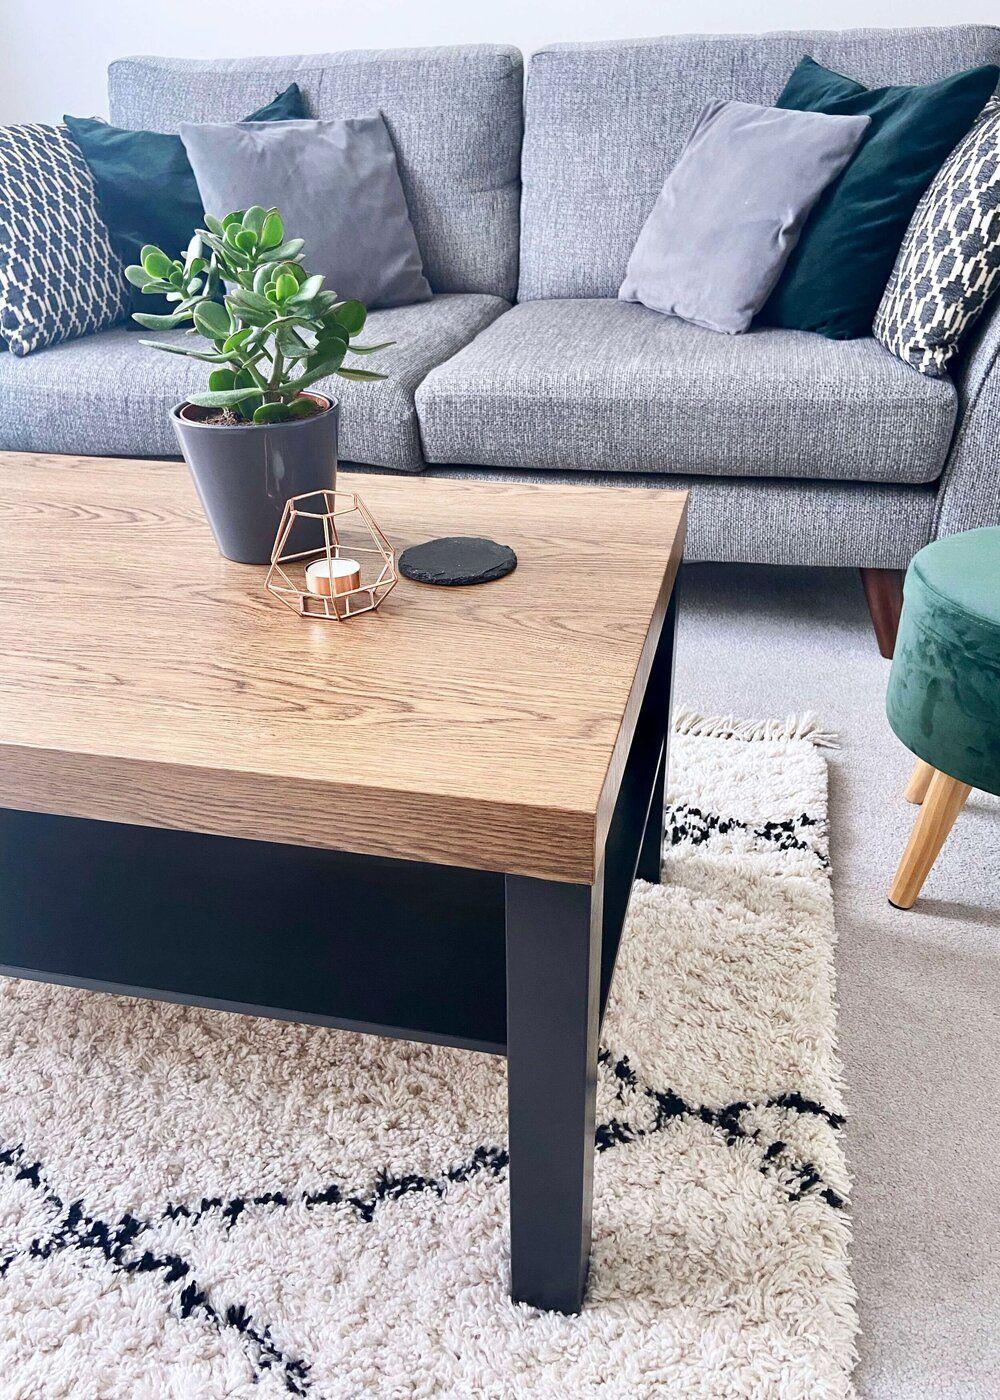 DIY // IKEA LACK TABLE INDUSTRIAL HACK